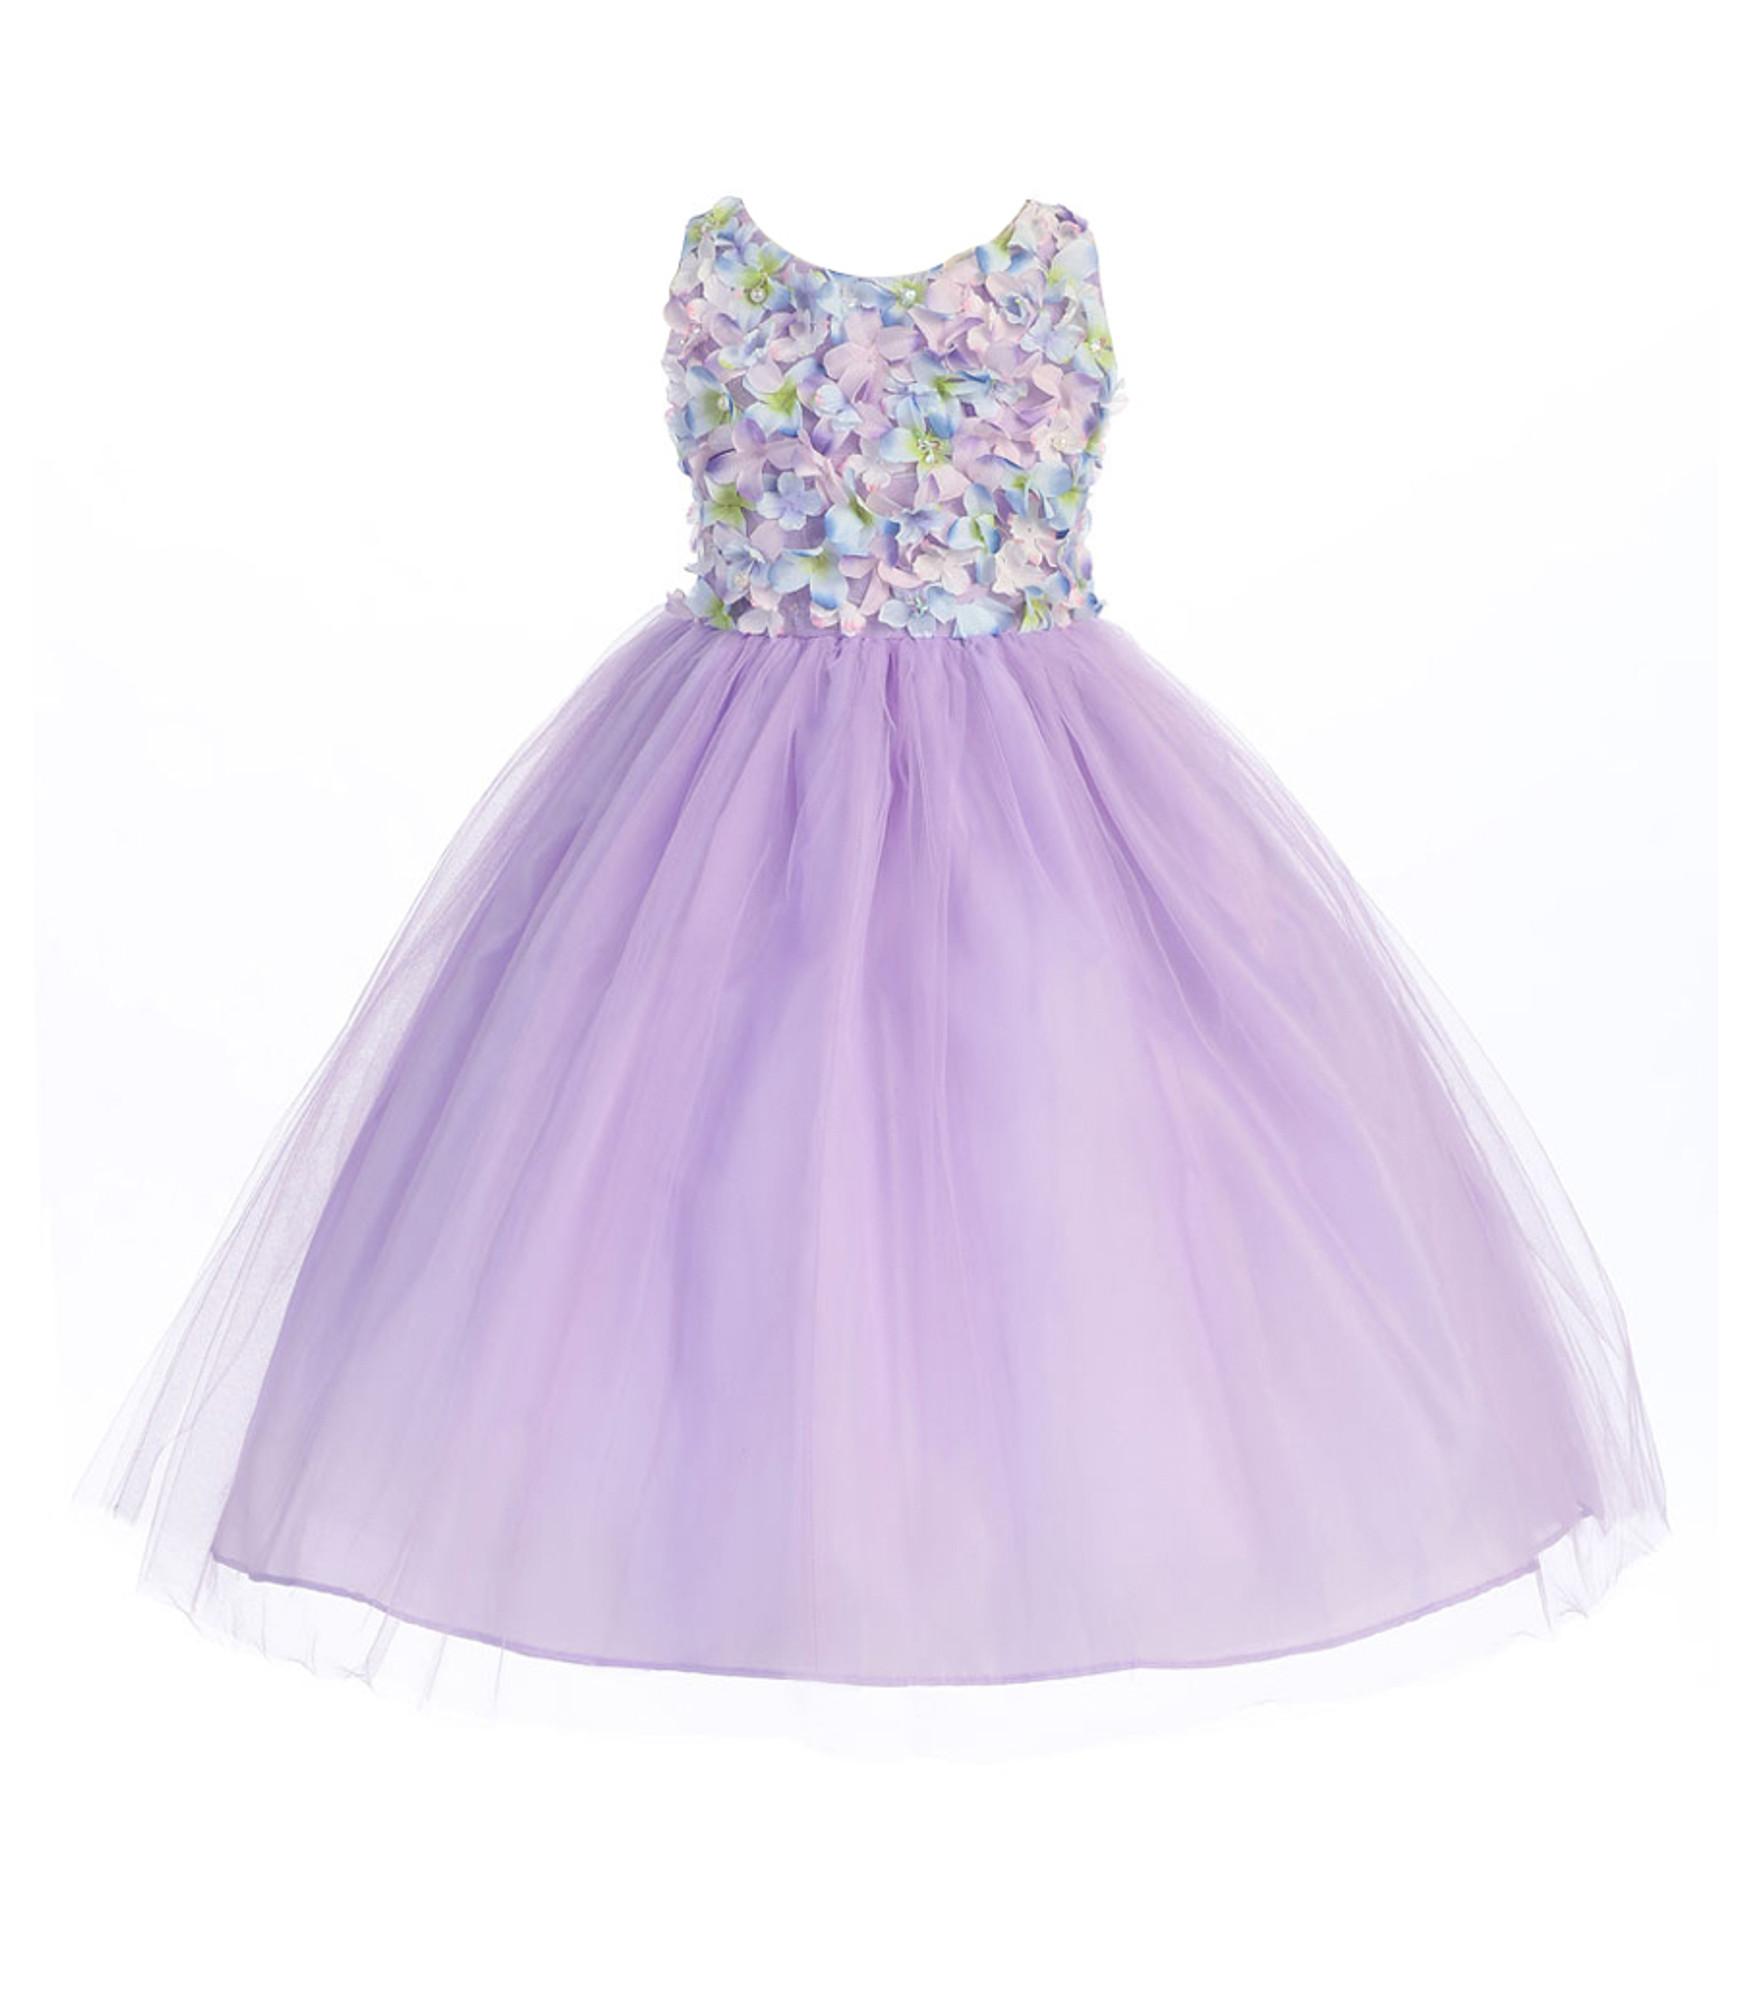 BIMARO Mädchen Kleid Rosalie flieder lila Blüten Perlen Tüll festlich Hochzeit Blumenmädchen Tüllkleid pastell 001